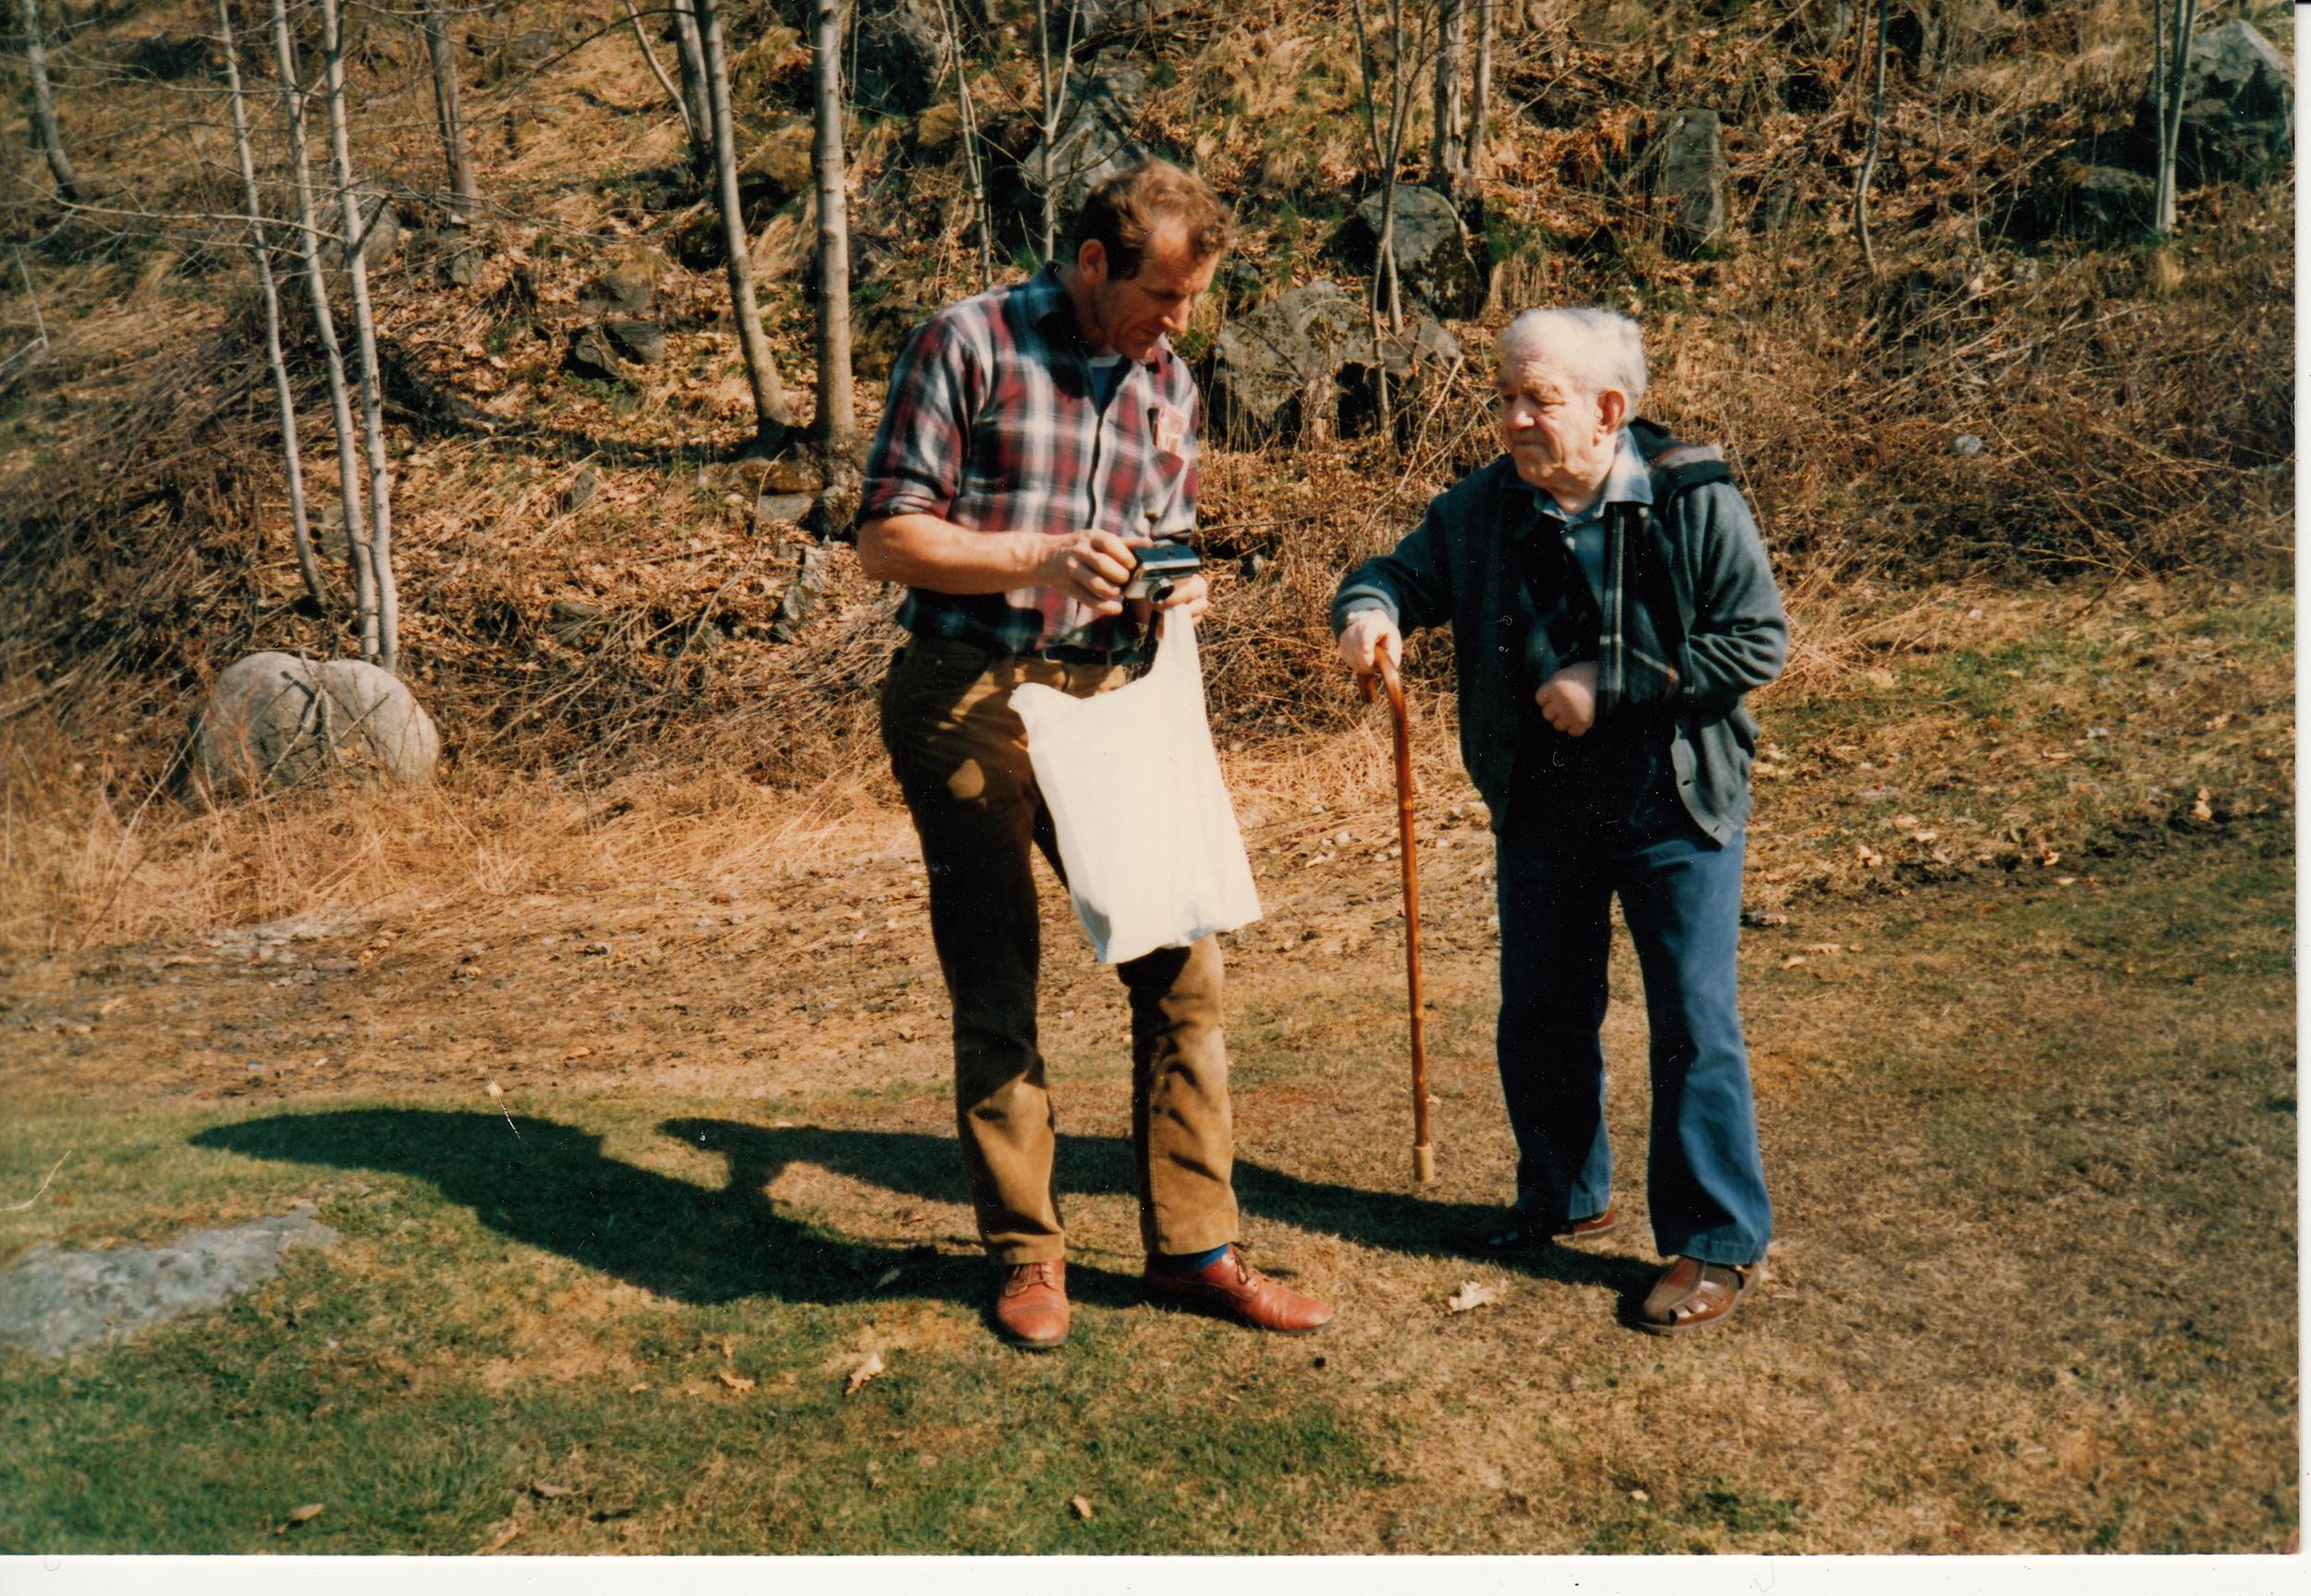 Kjell Bråten og Halvor Lia, på besøk i Osmunddalen - Ukjent årstall, men etter 1985.